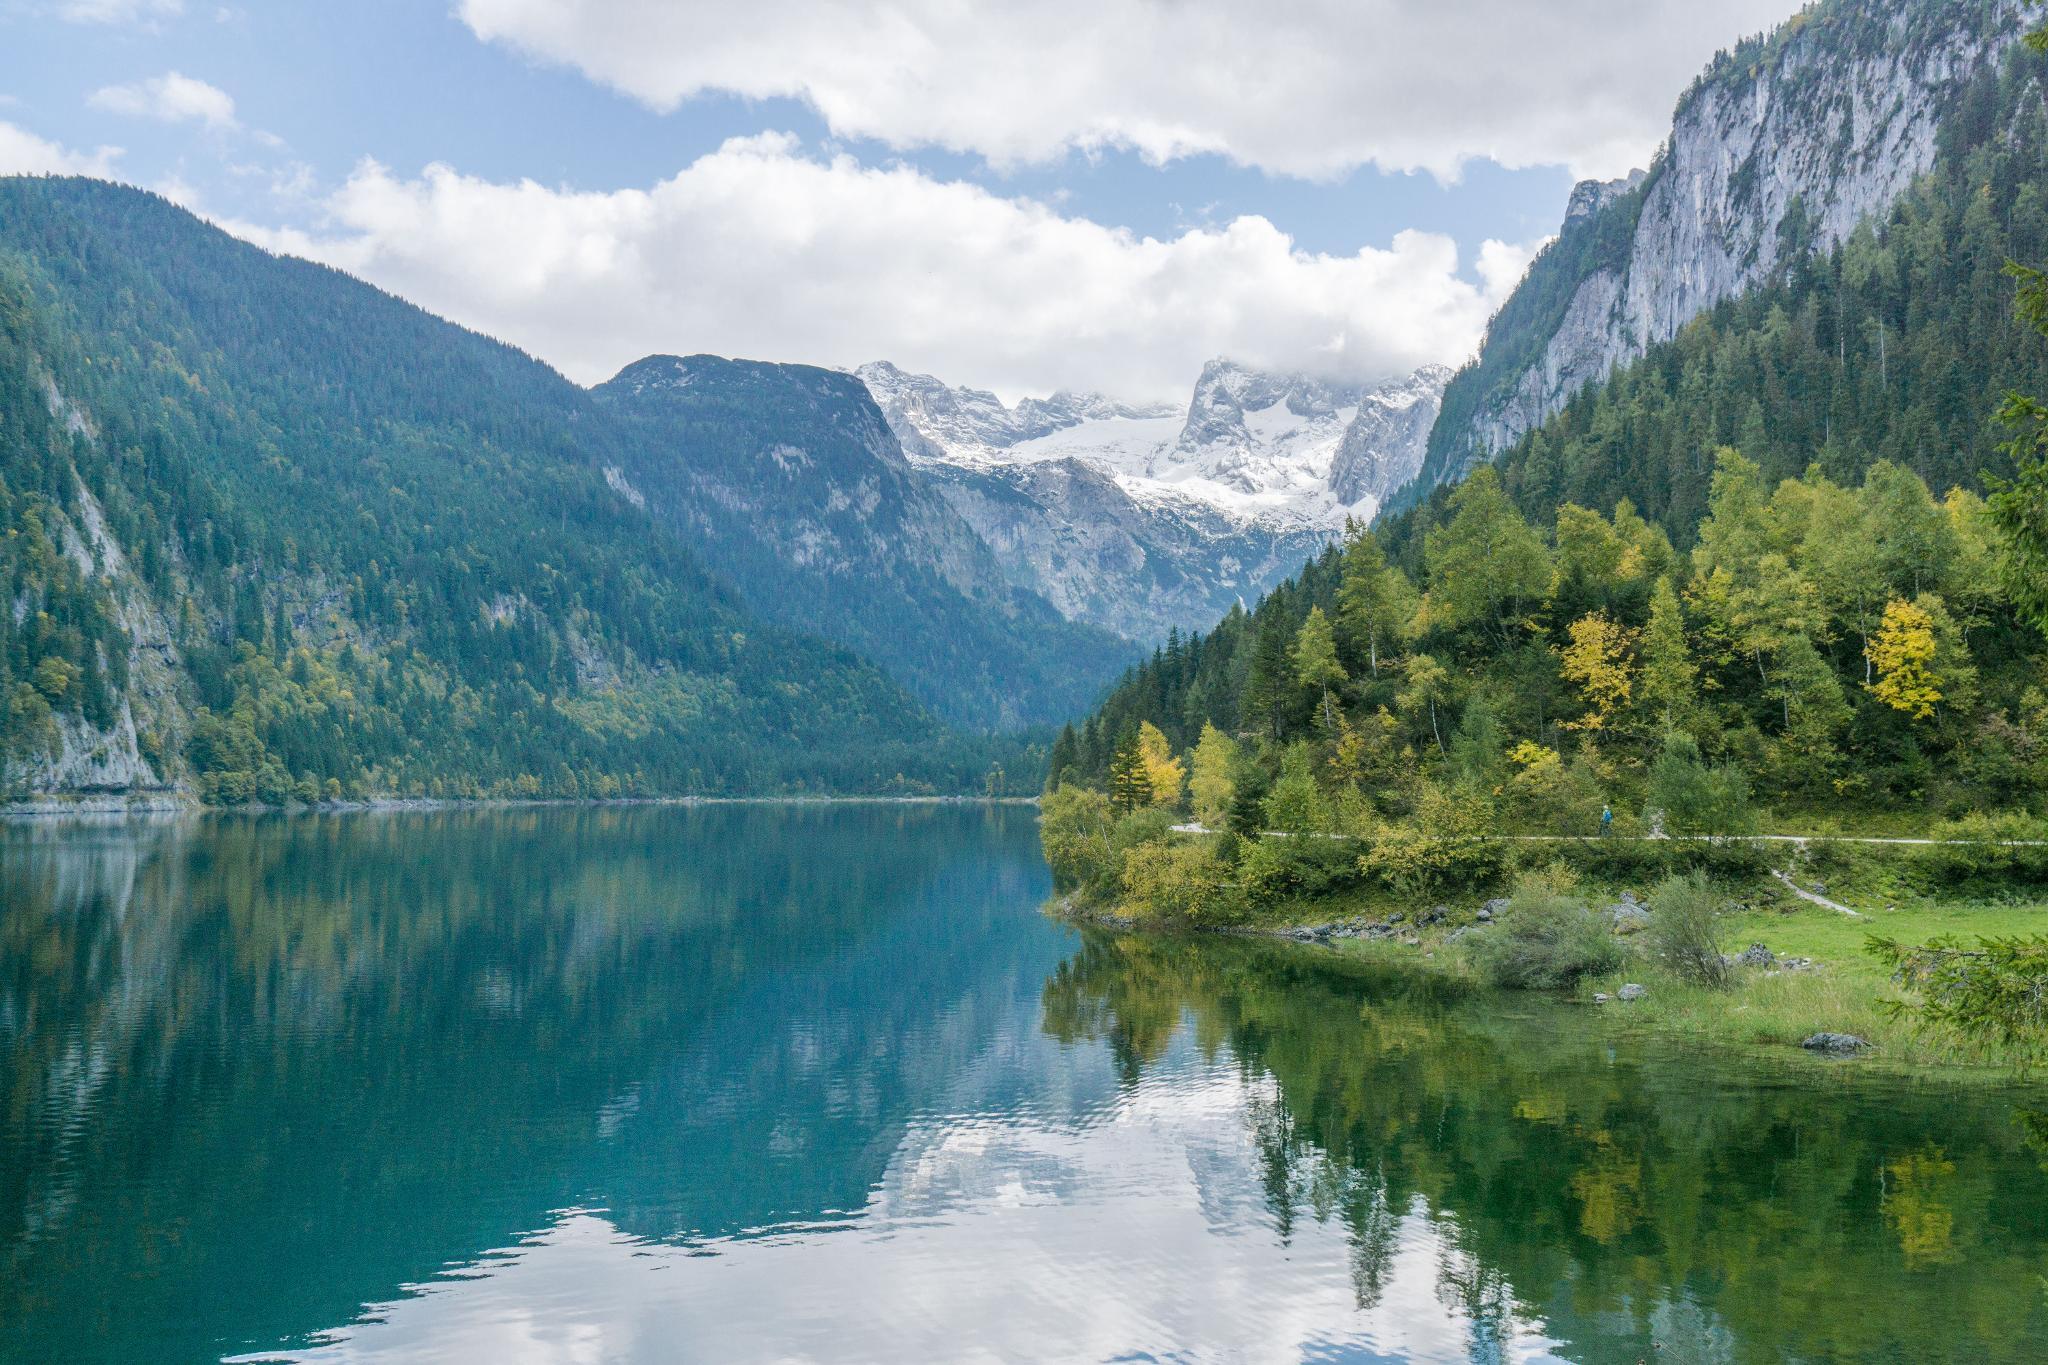 【奧地利】遠離塵囂!哈修塔特周邊的絕美湖泊 — 高薩湖 Gosausee 湖濱散記 18